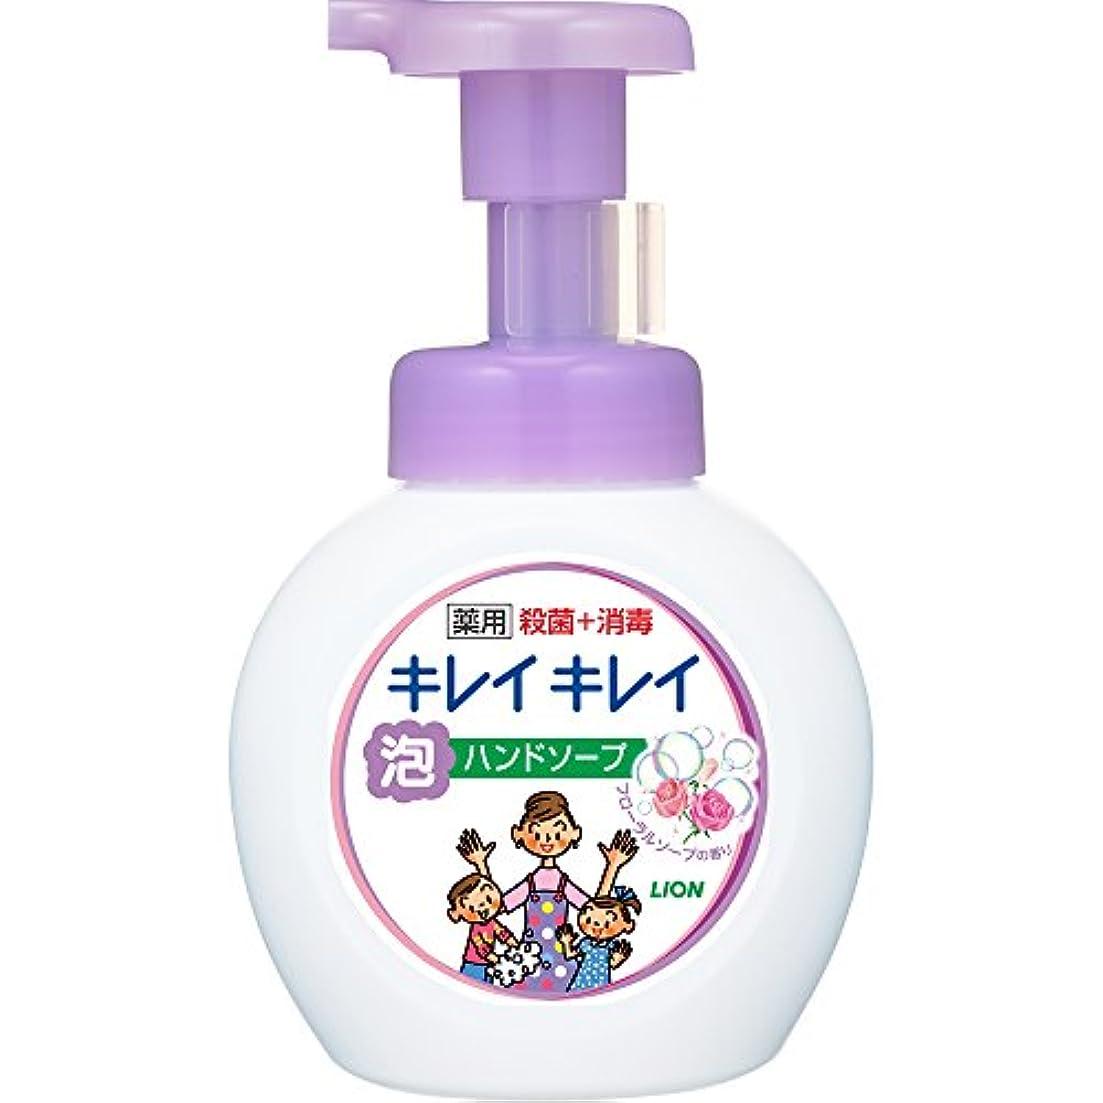 選出するインフルエンザ国民キレイキレイ 薬用 泡ハンドソープ フローラルソープの香り 本体ポンプ 250ml(医薬部外品)